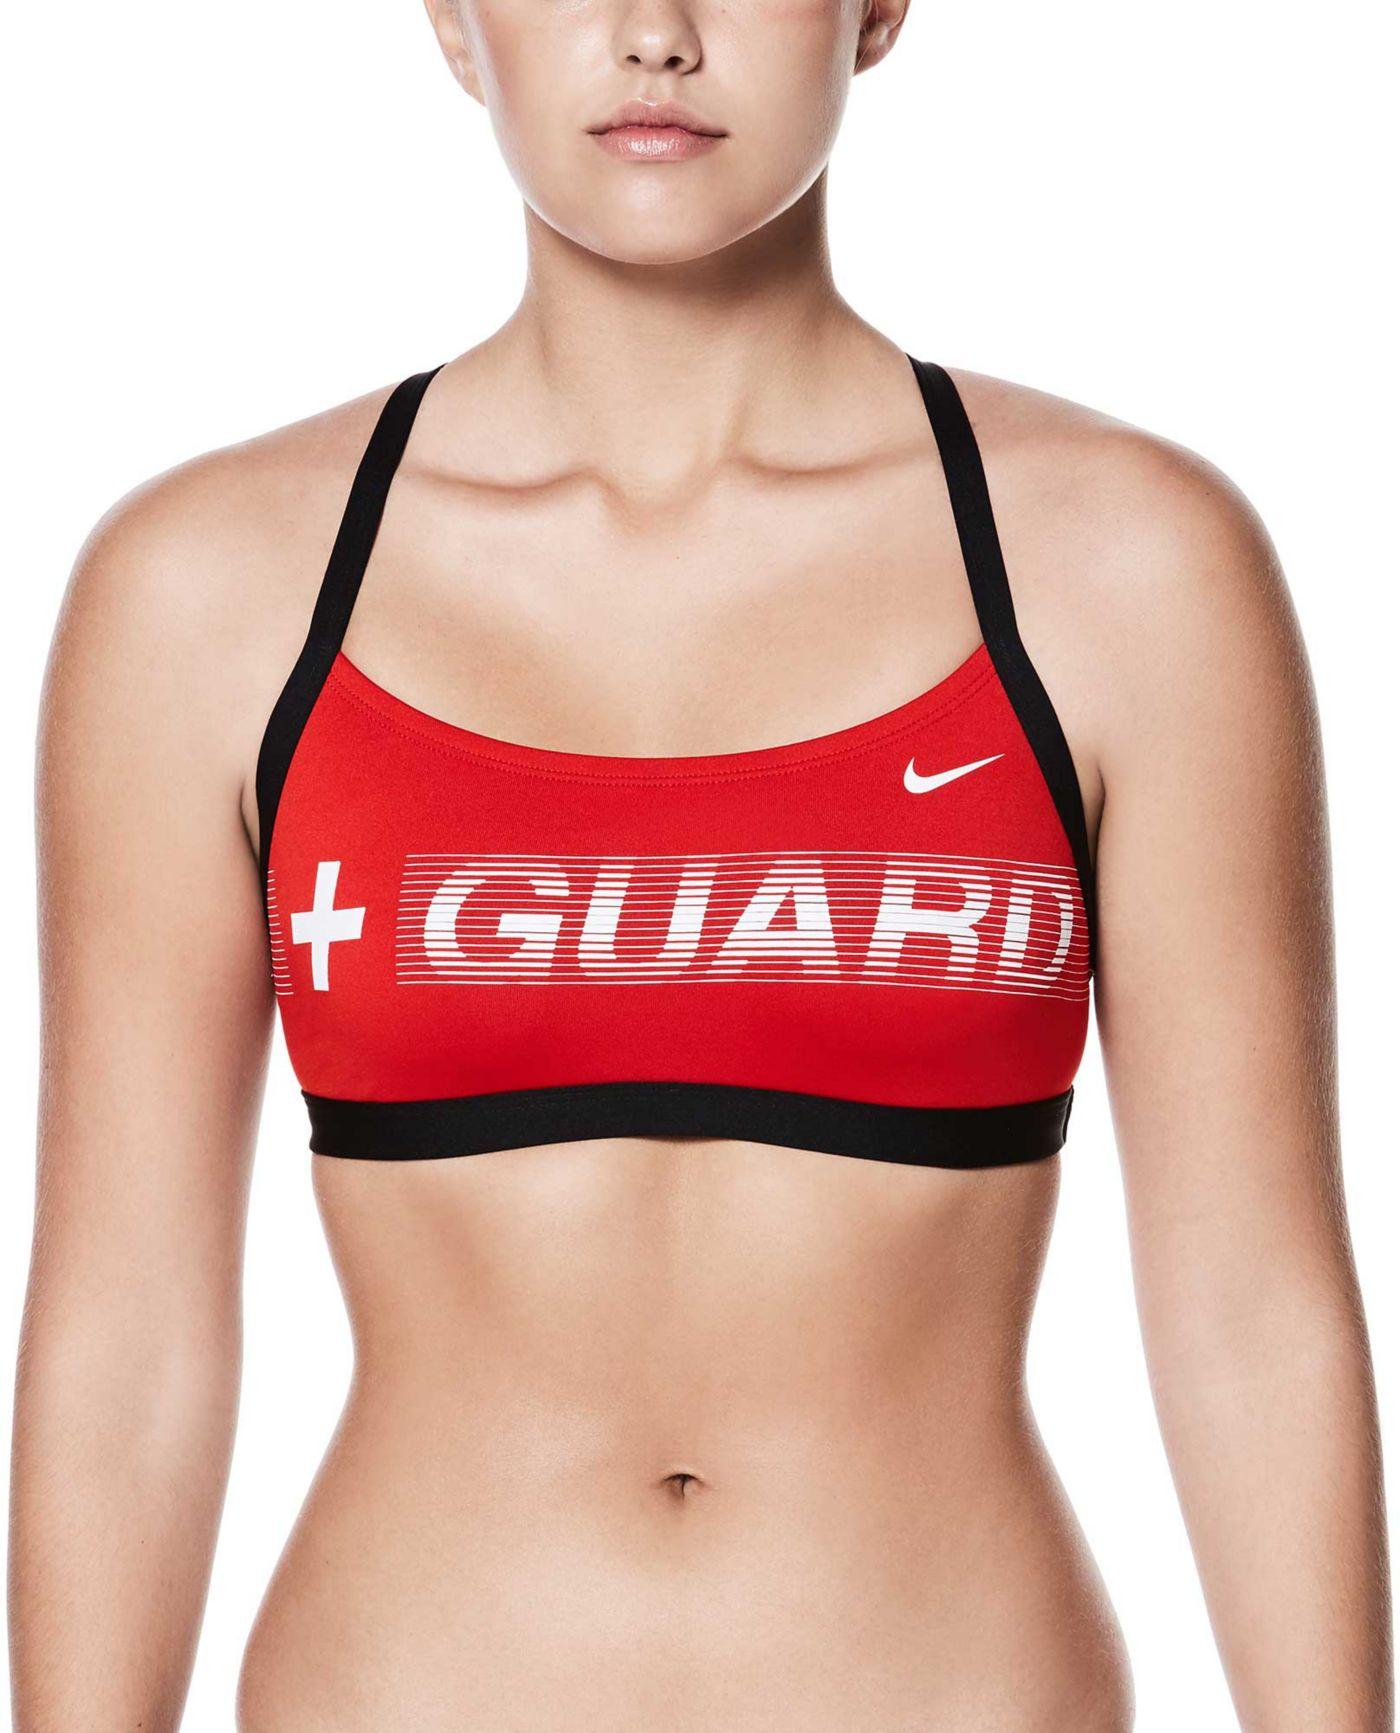 Nike Women's Guard Racerback Swimsuit Top